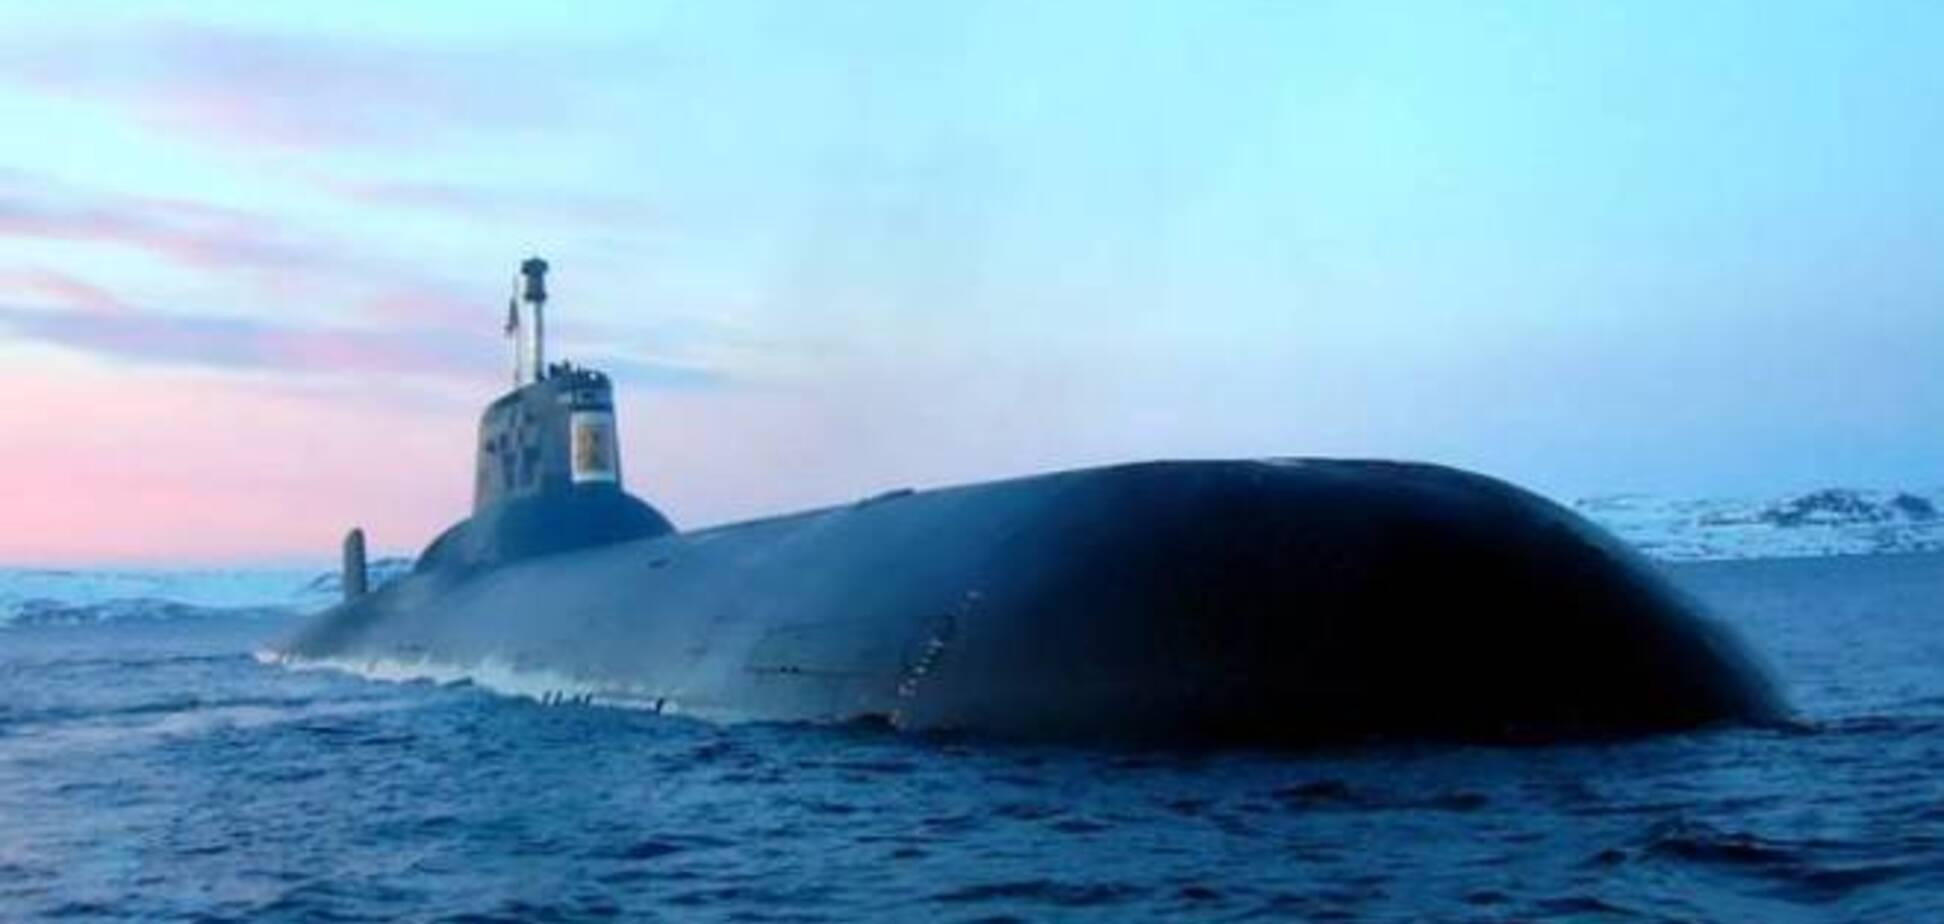 Поиски подлодки в водах Швеции: в Минобороны РФ перевели стрелки на ВМС Нидерландов